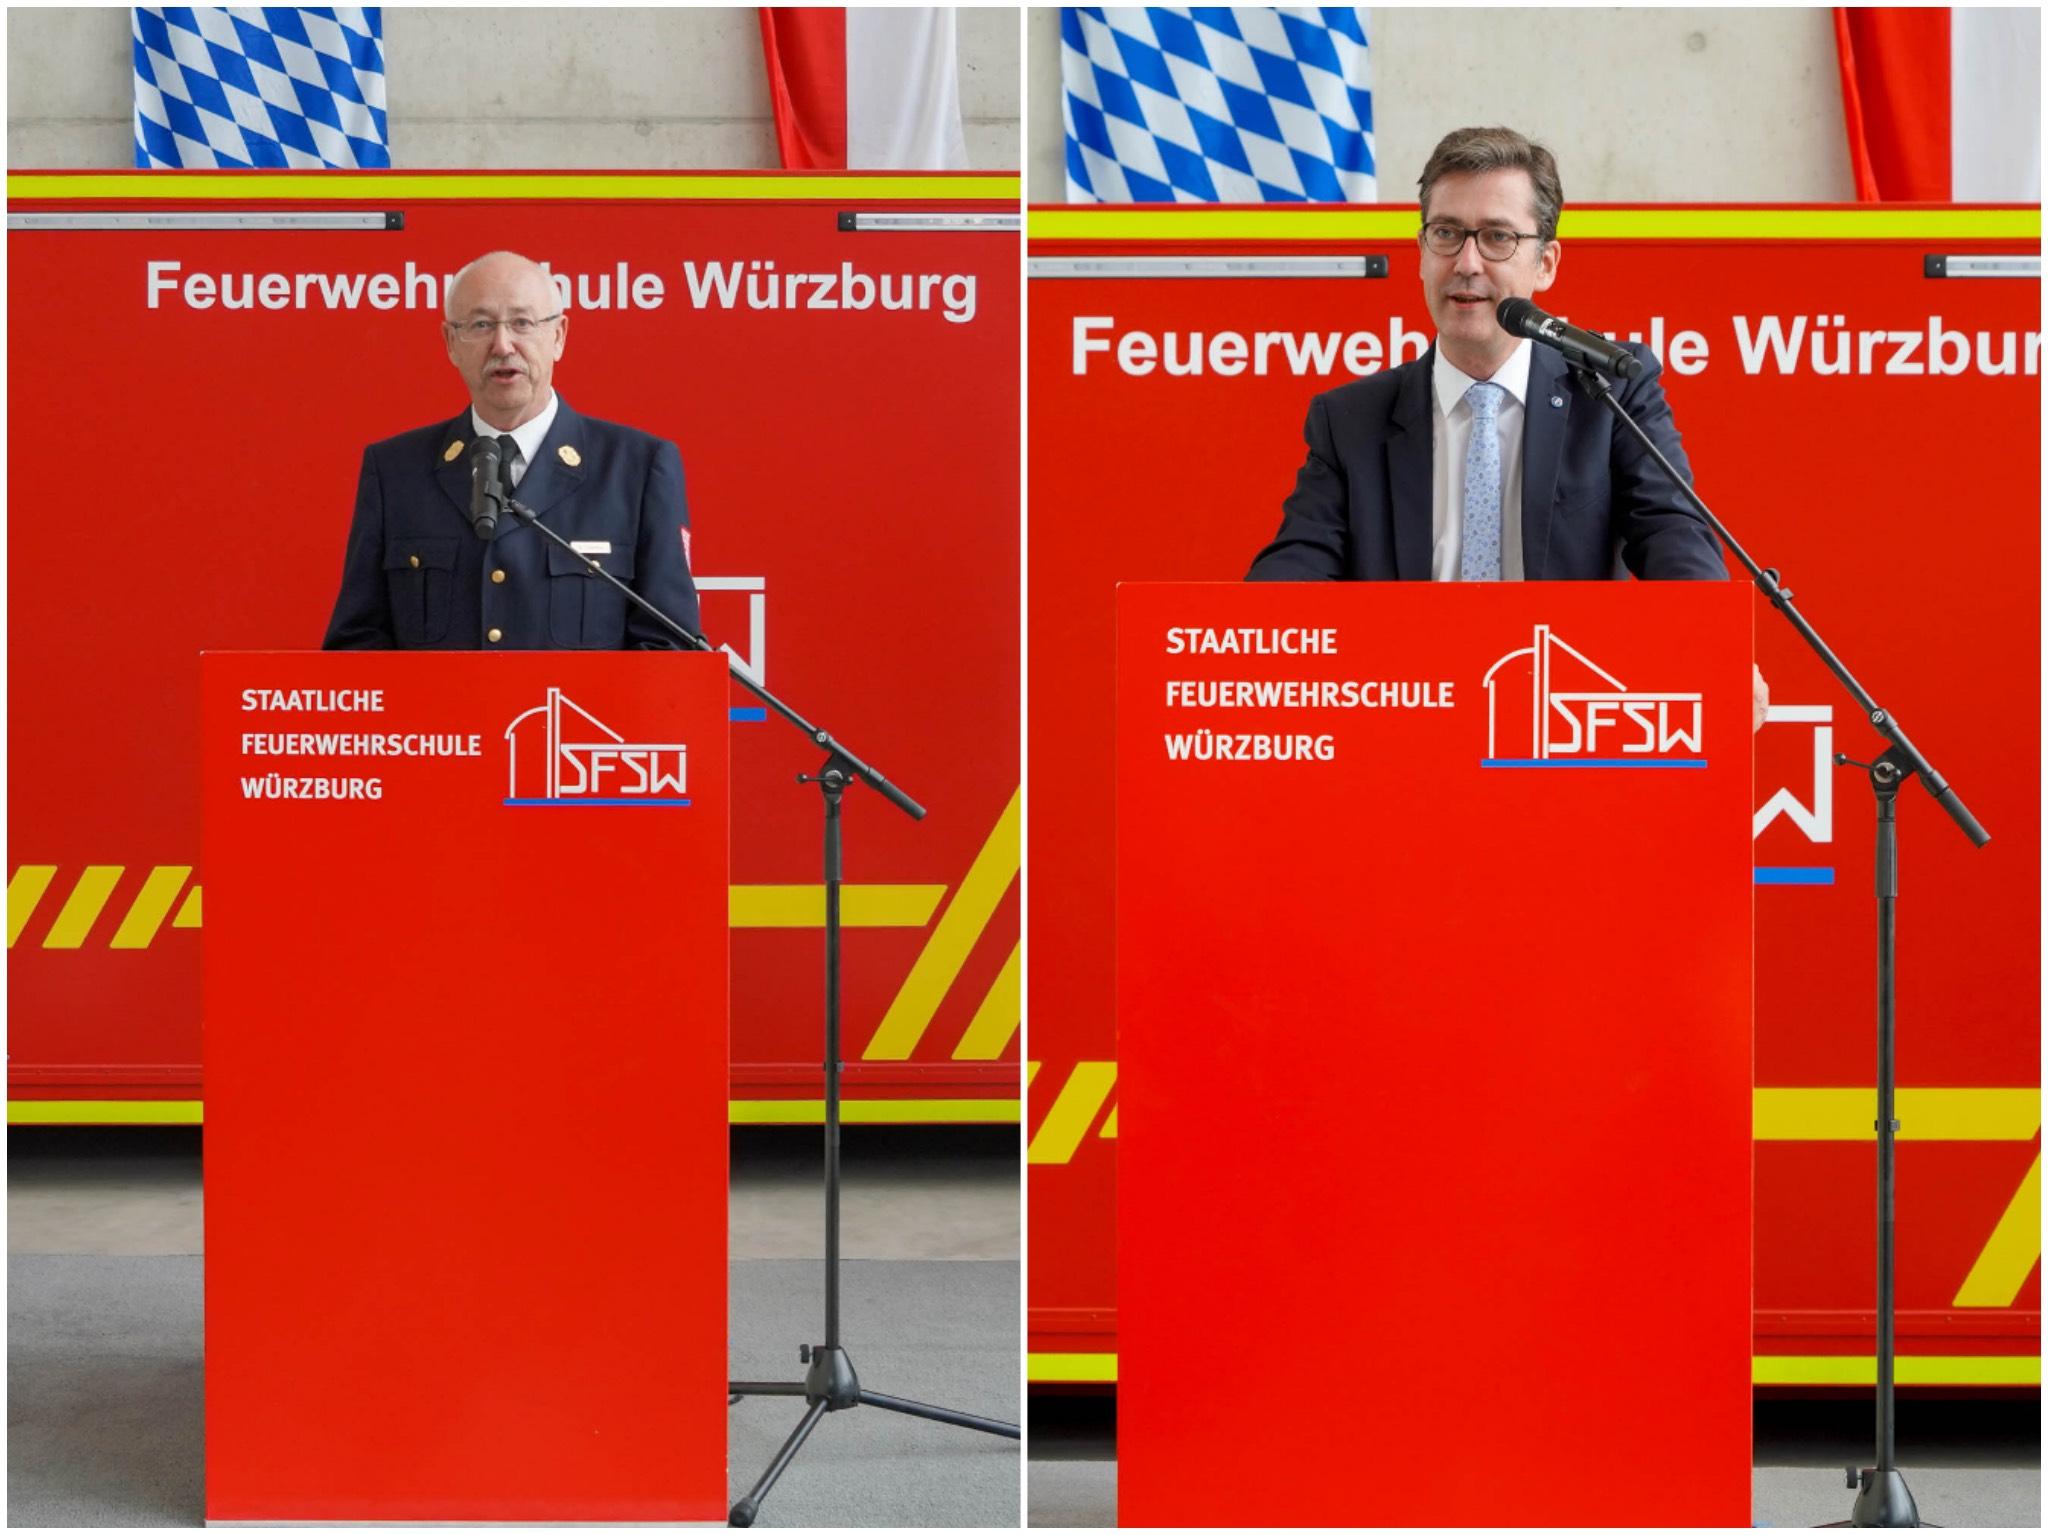 Dr. Roland Demke, Schulleiter der staatl. Feuerwehrschule, und OB Christian Schuchardt beim Spatenstich. Foto: Staatliche Feuerwehrschule Würzburg